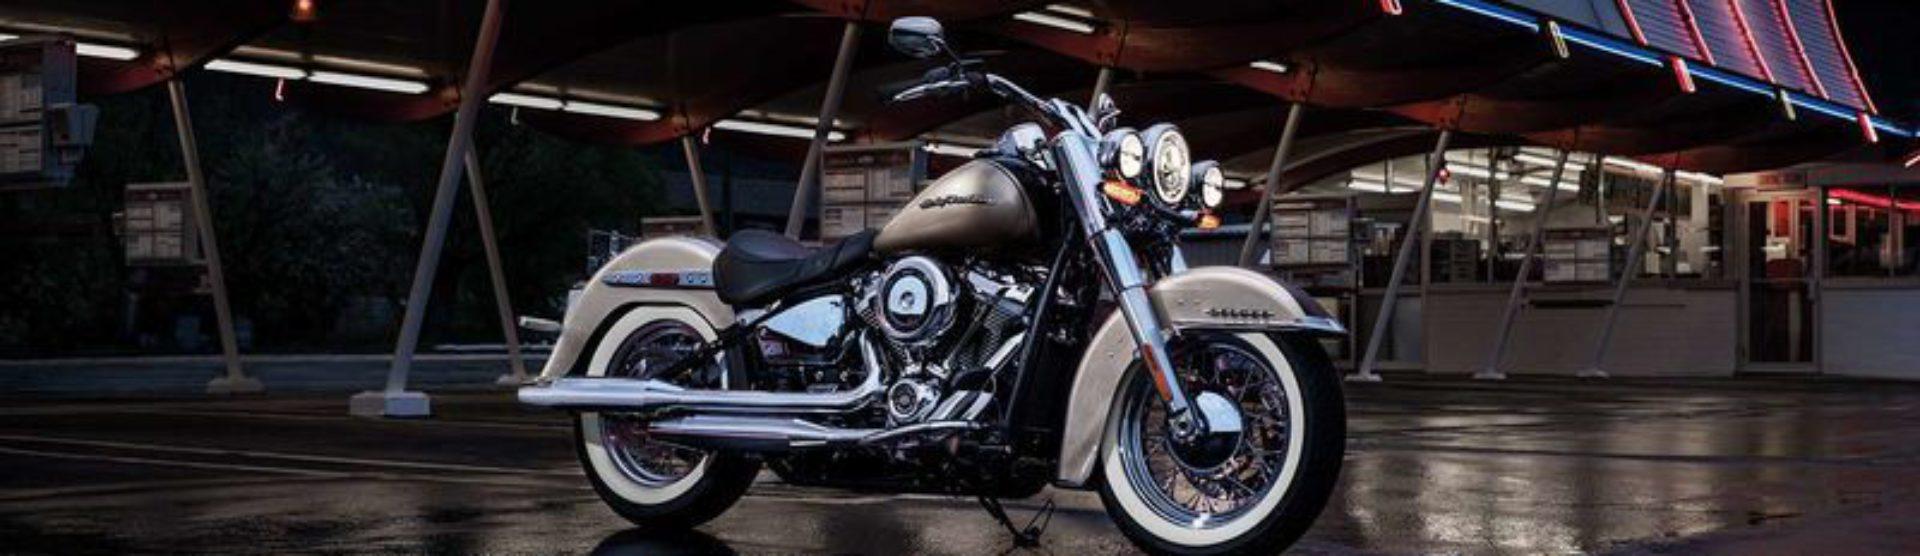 Harley Owners Group Banská Bystrica